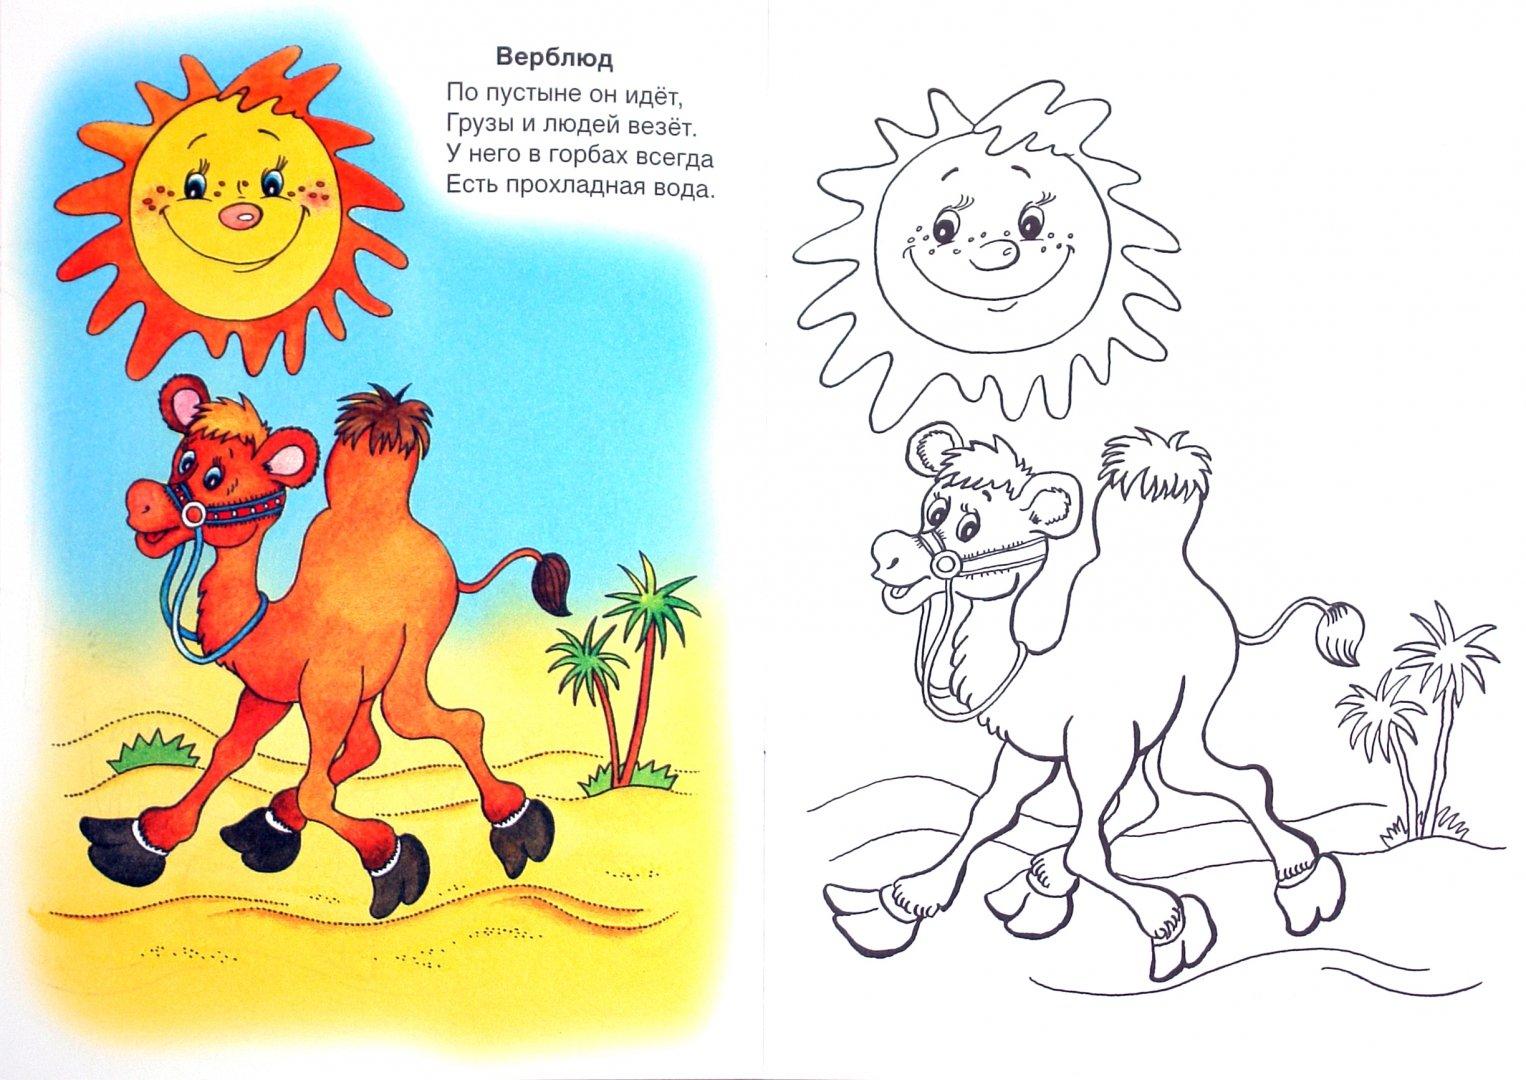 Иллюстрация 1 из 25 для Веселые соседи - Скребцова, Лопатина | Лабиринт - книги. Источник: Лабиринт